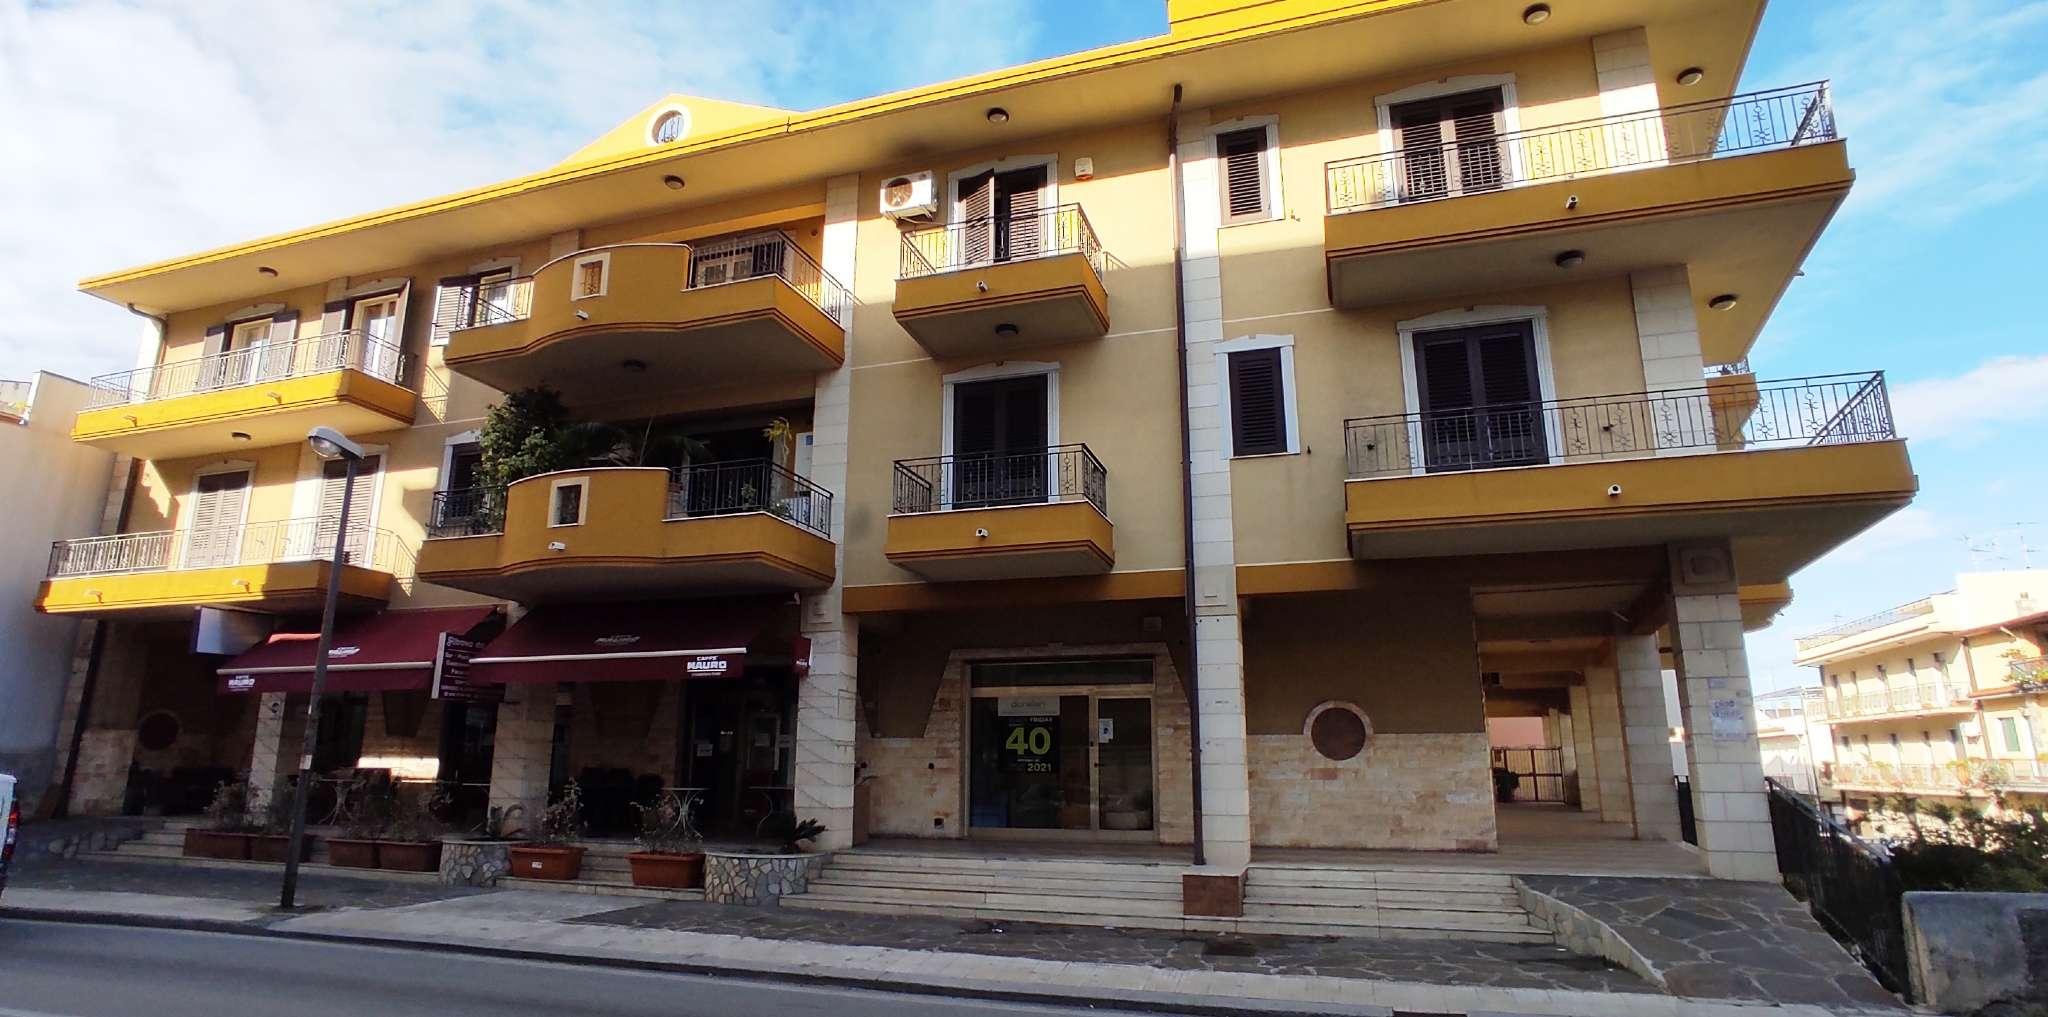 Appartamento in vendita a Rometta, 8 locali, prezzo € 220.000 | PortaleAgenzieImmobiliari.it